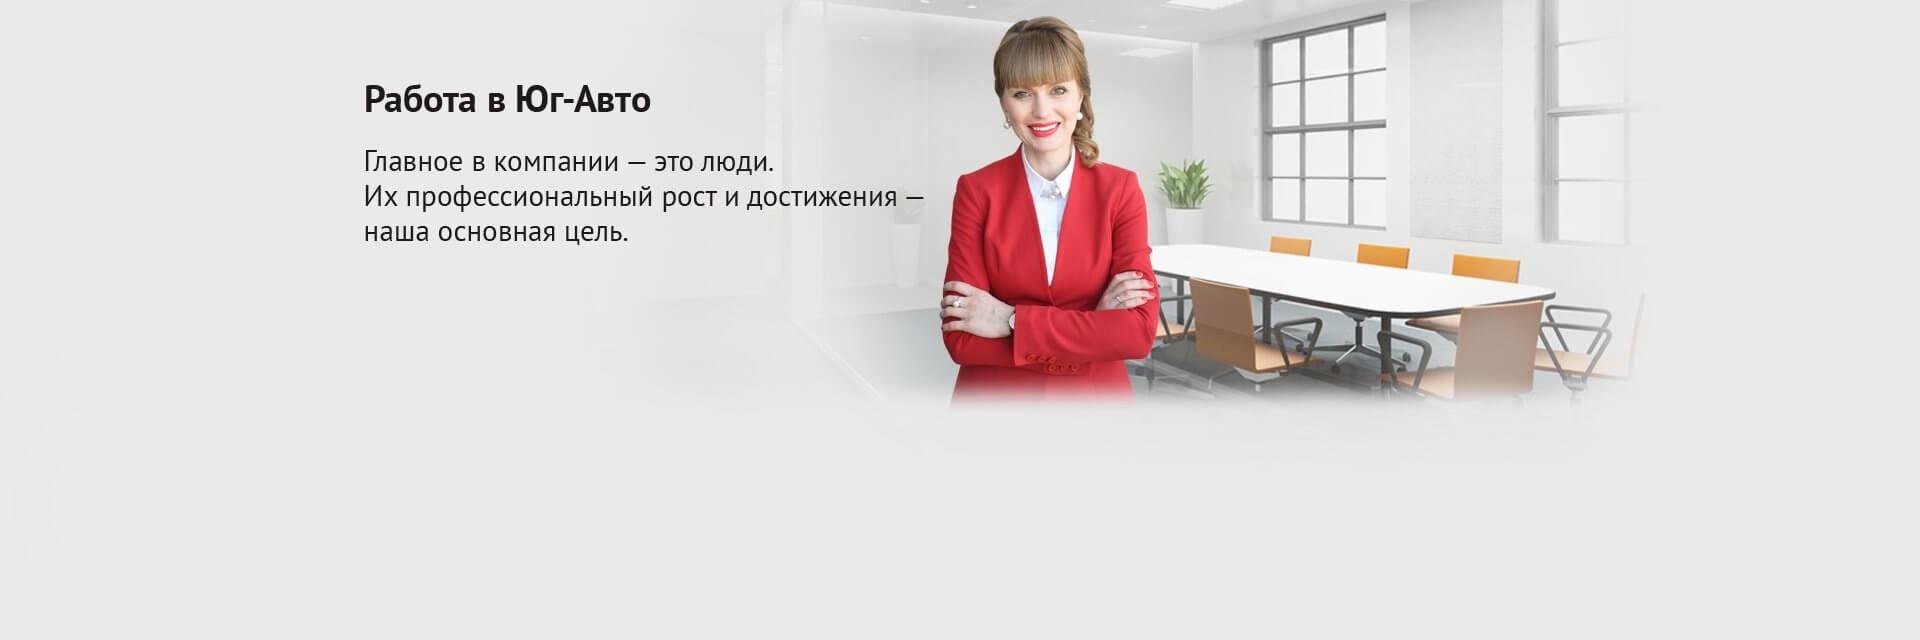 кредит онлайн заявка краснодар вакансии